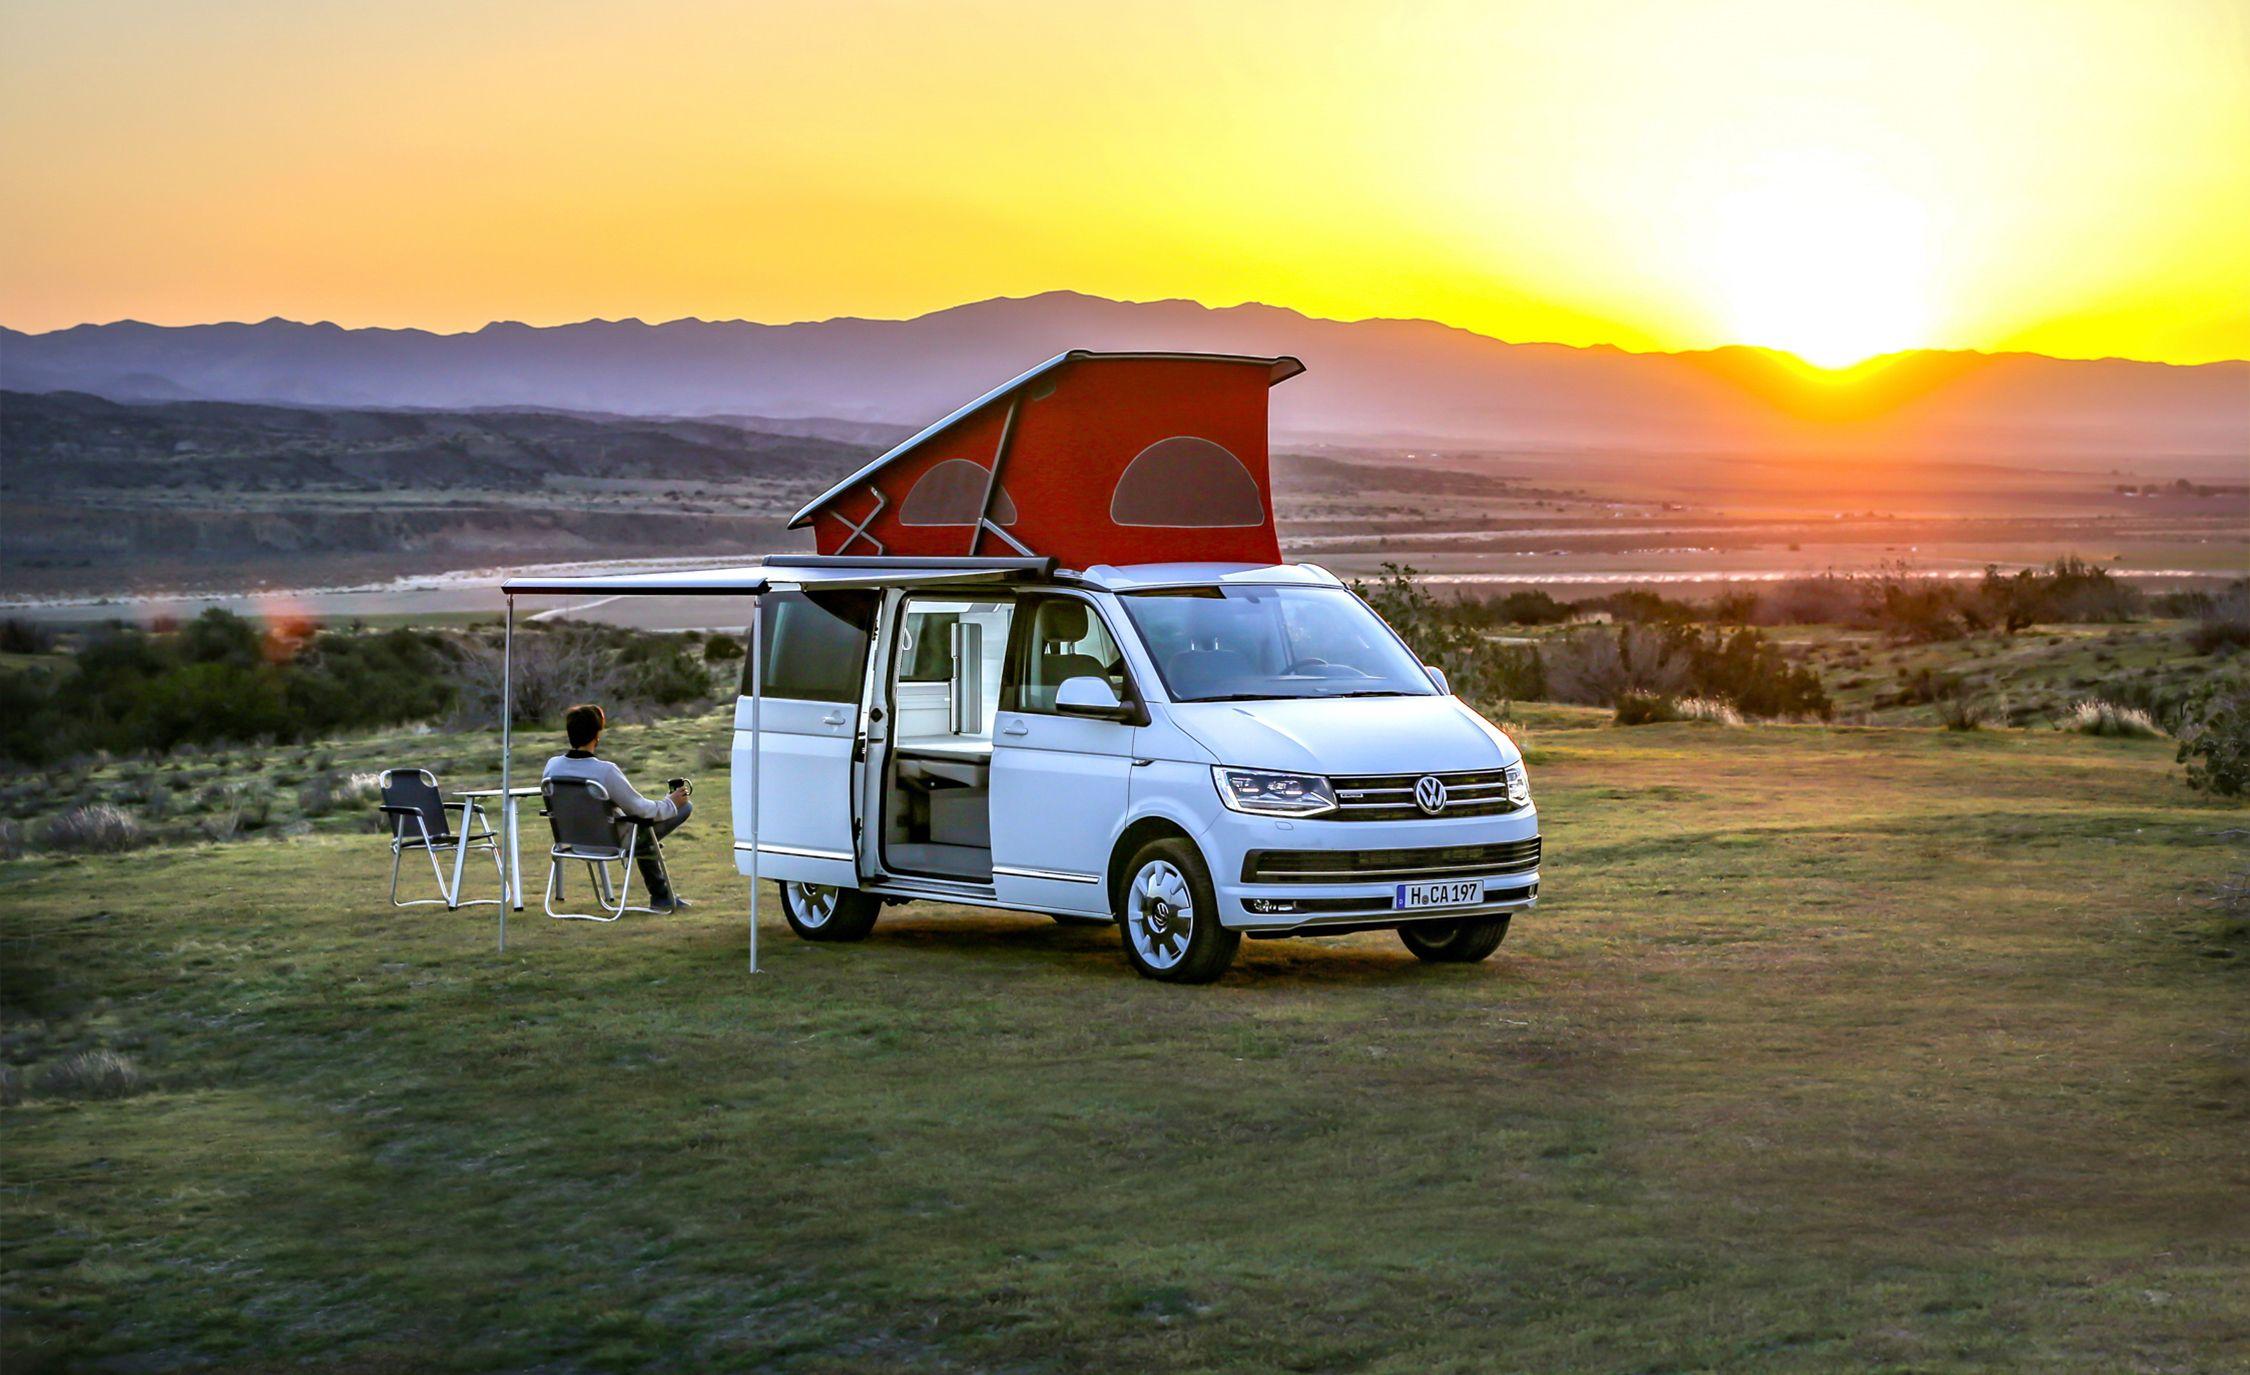 2018 Volkswagen California Camper Van Road Trip